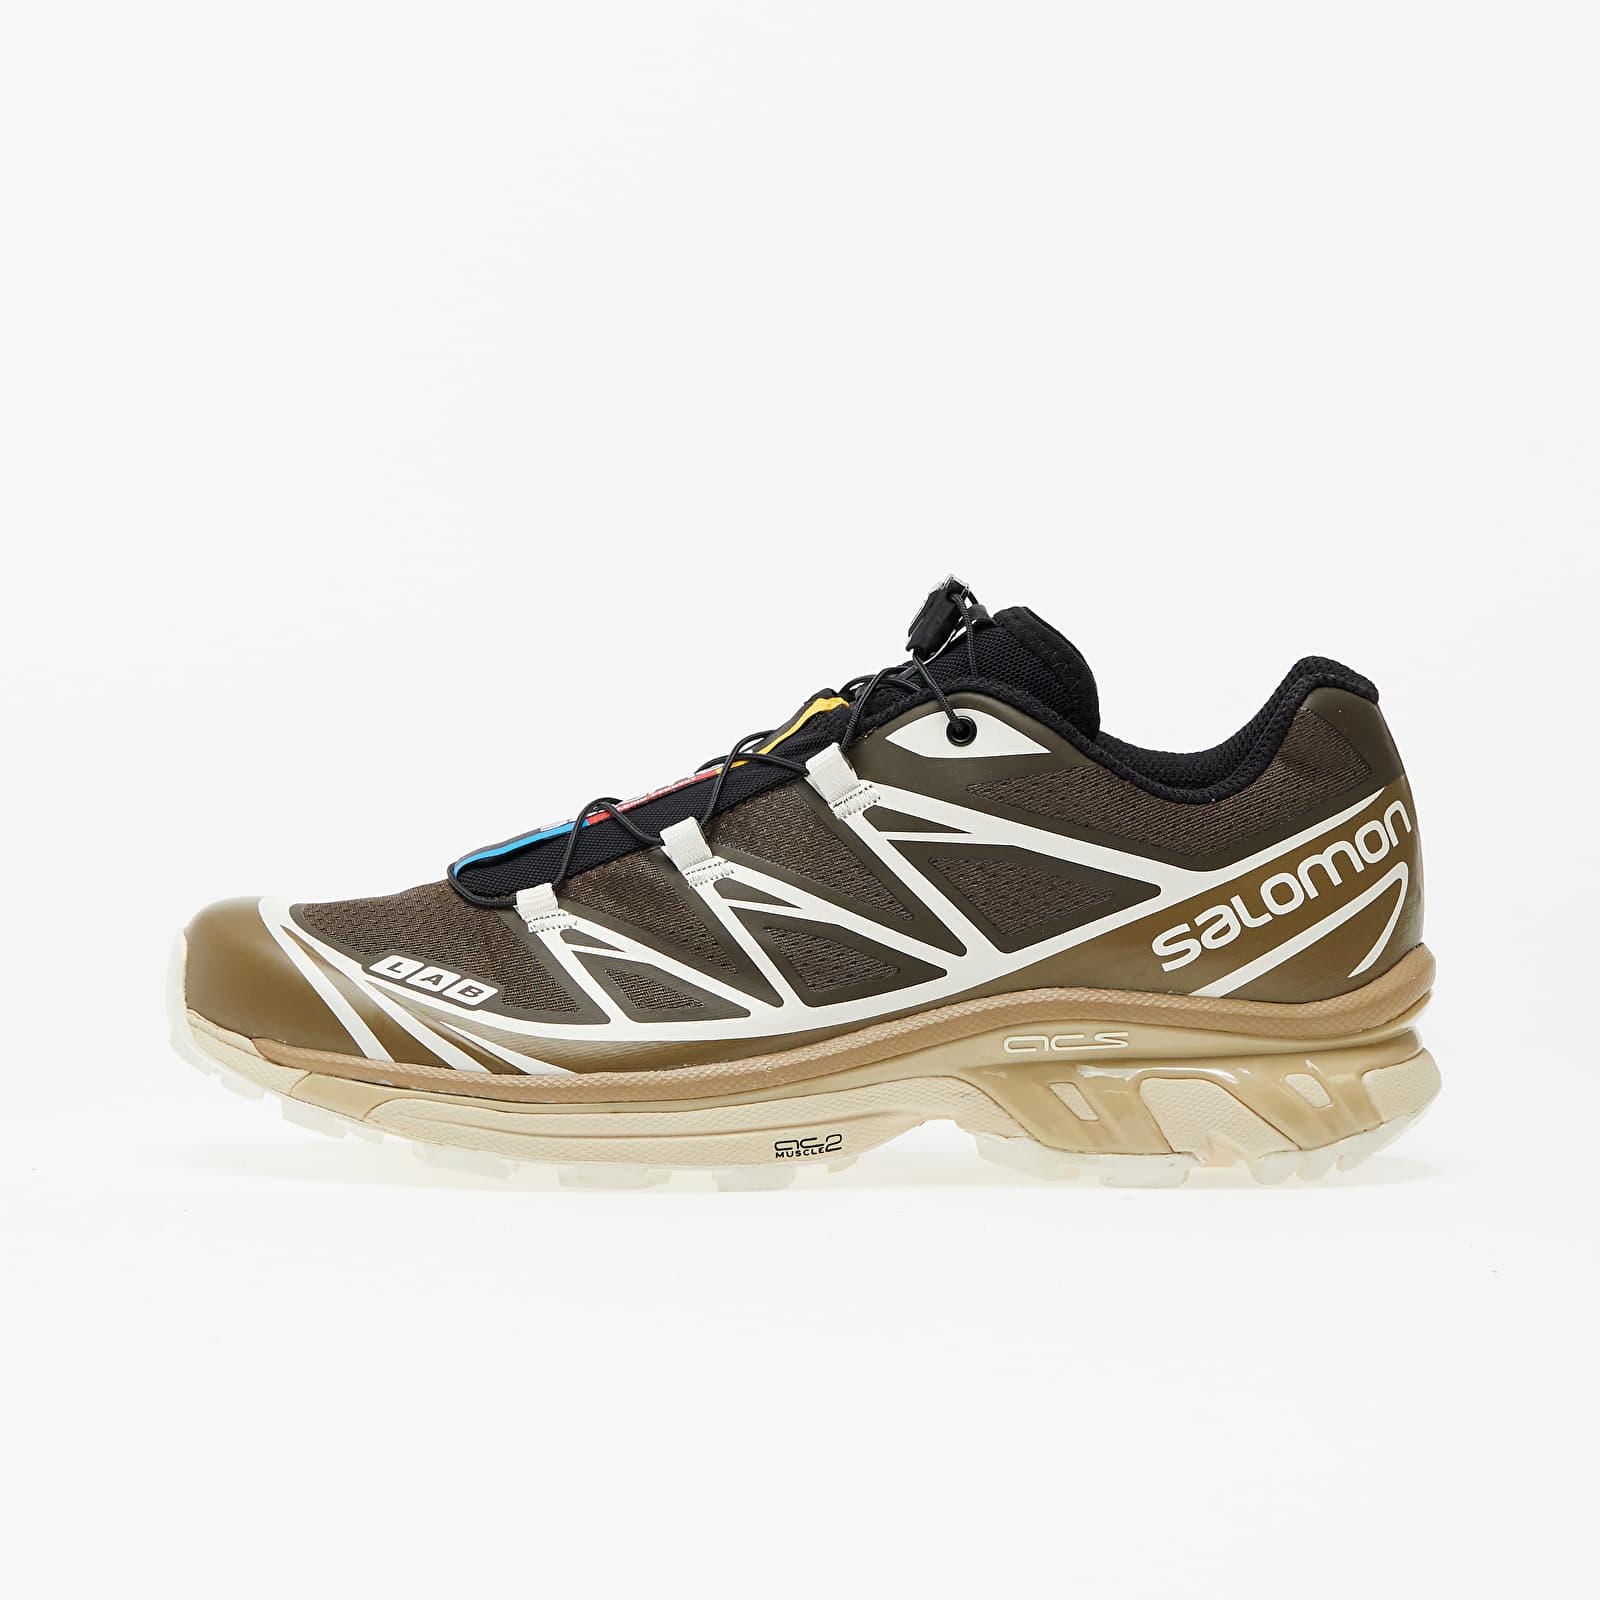 Men's shoes Salomon XT-6 Advanced Wren/ Kangaroo/ Vanilla Ice